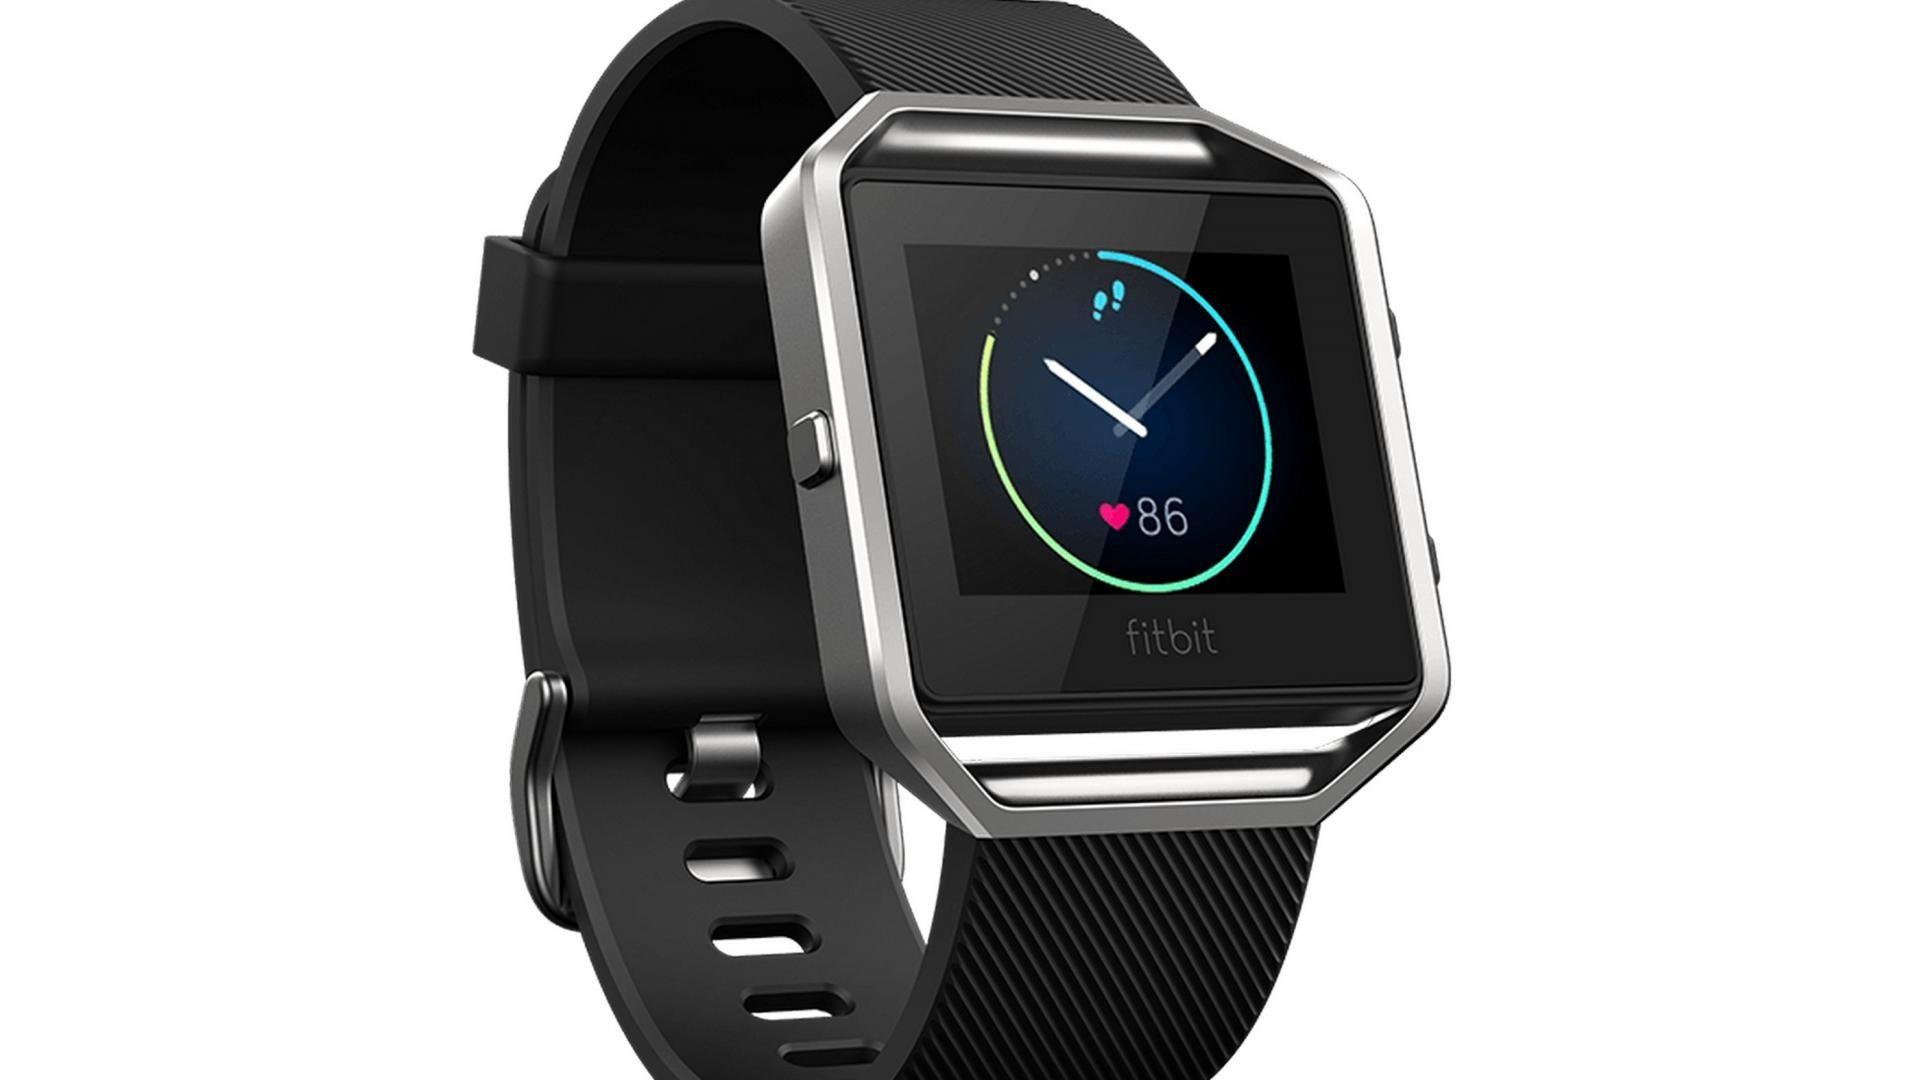 Smartwatch free desktop background